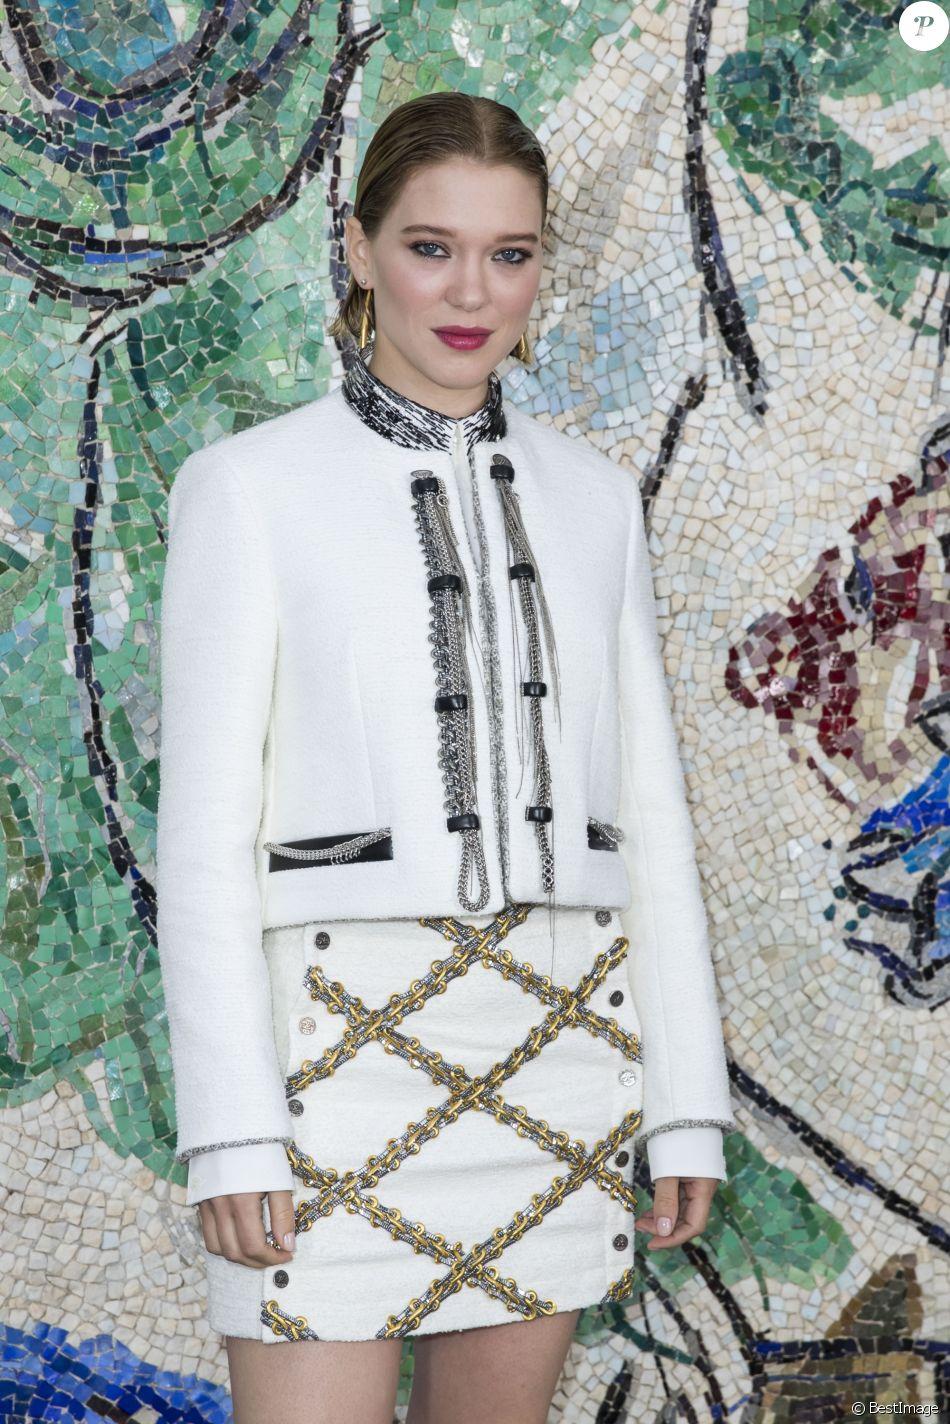 Léa Seydoux - Photocall du défilé de la collection croisière Louis Vuitton 2019 dans les jardins de la fondation d'art Maeght à Saint-Paul-De-Vence, France, le 28 mai 2018.